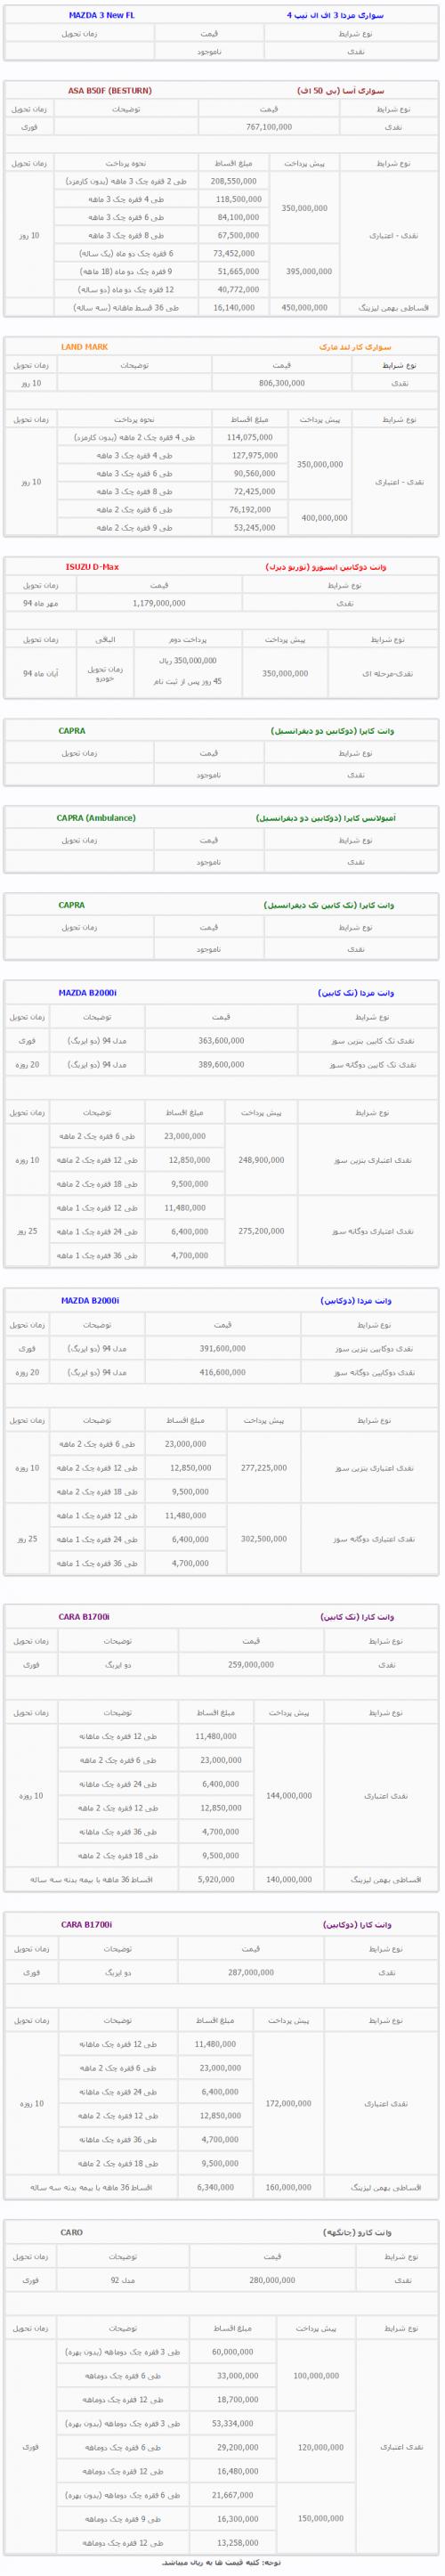 فروش نقد و اقساط محصولات گروه بهمن + جدول قیمت